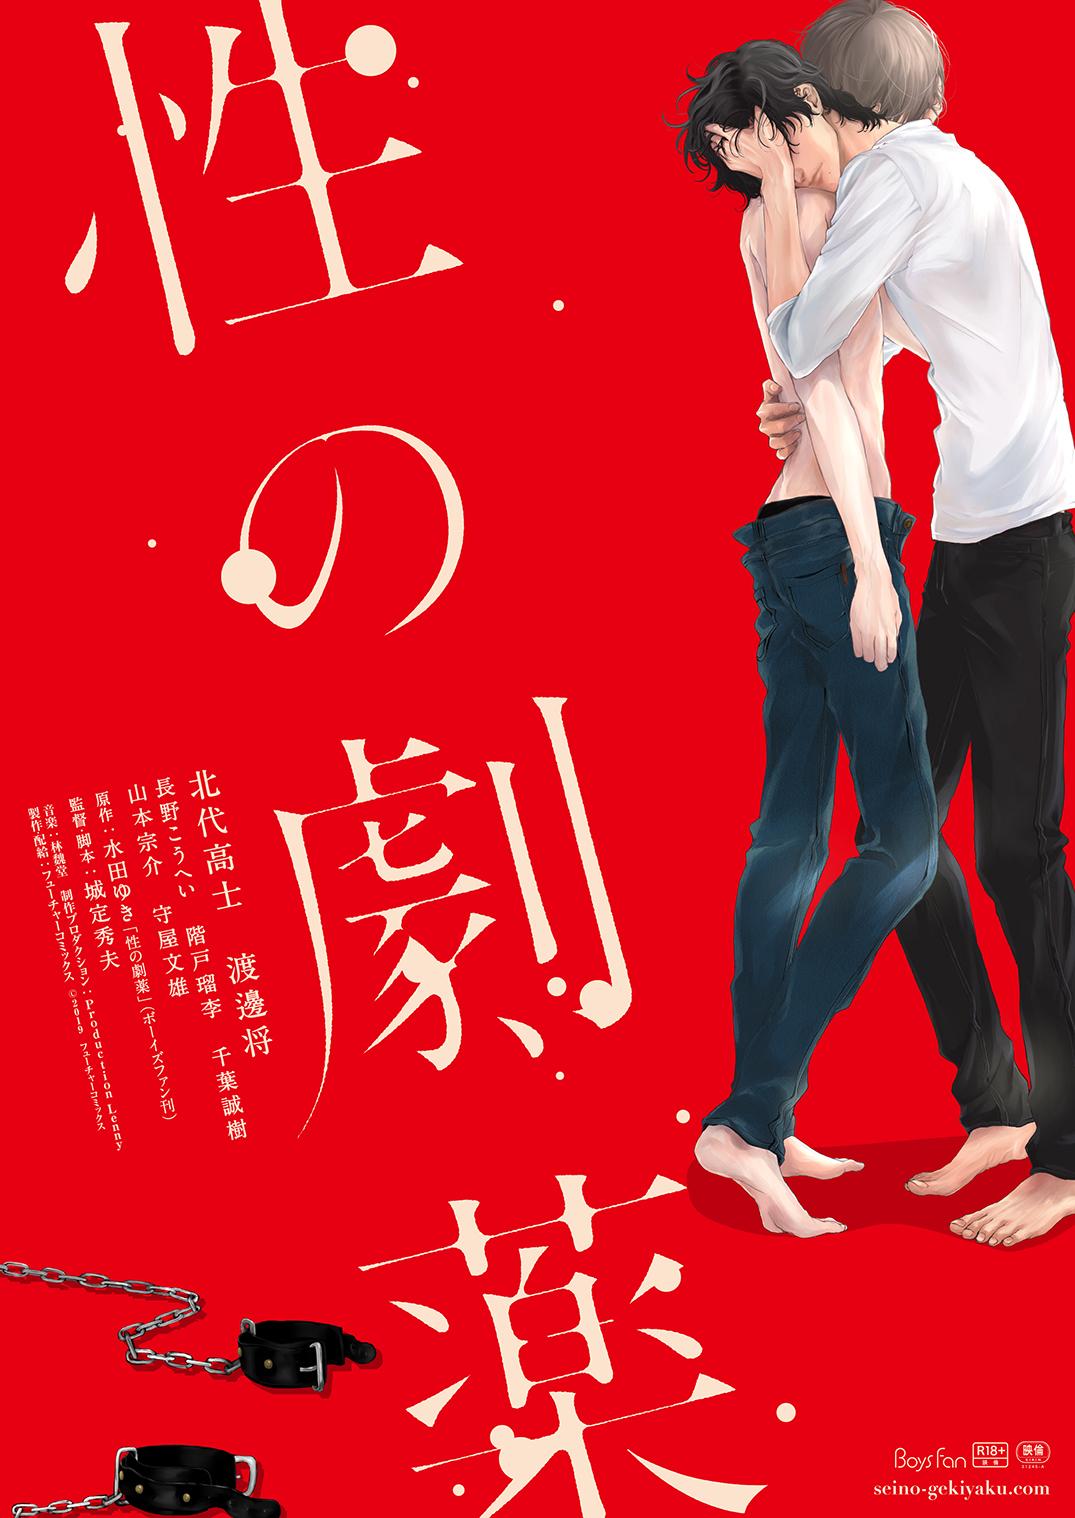 『性の劇薬 』アニメイト購入者限定プレゼント抽選【第2弾】実施決定!